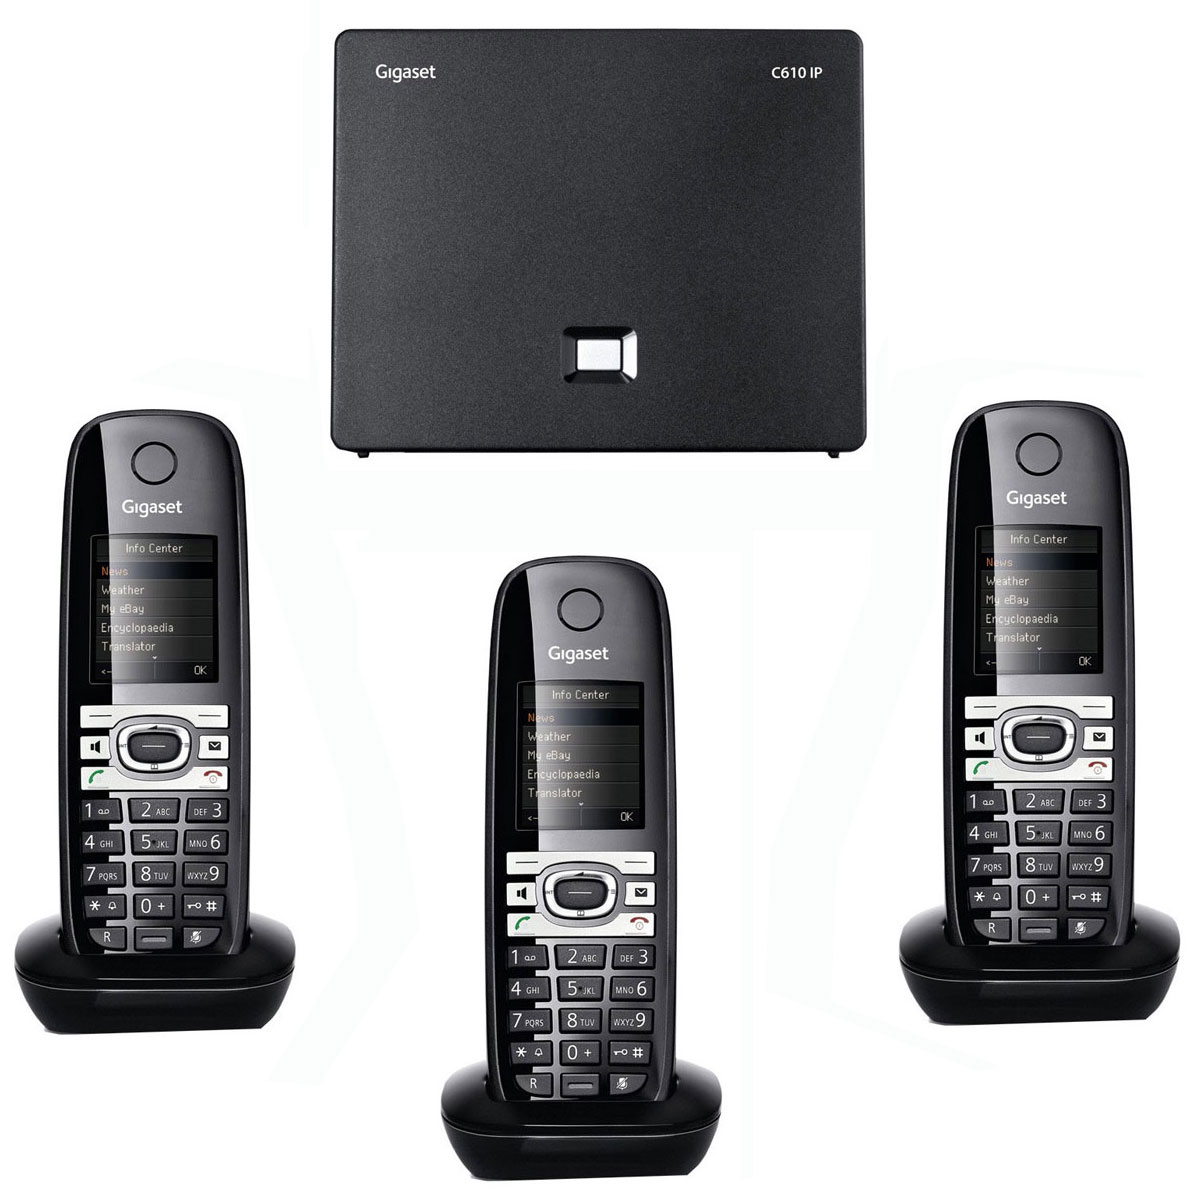 Téléphonie VoIP Gigaset C610IP Trio Téléphone sans fil DECT avec 2 combinés supplémentaire (Version Française)